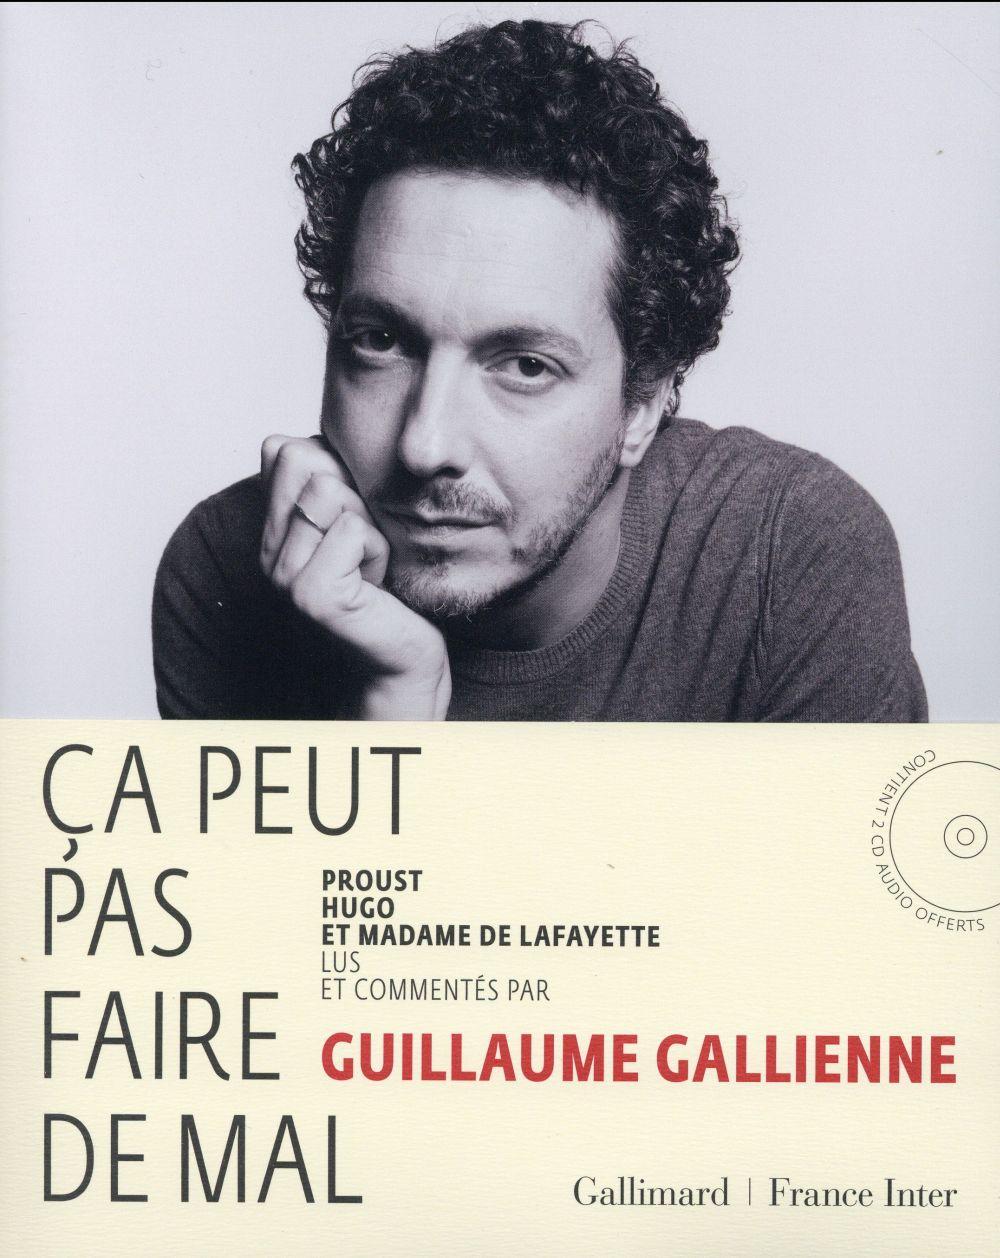 ca peut pas faire de mal (Tome 1-Le roman : Proust, Hugo et Madame de Lafayette lus et commentes par Guillaume Gallienne)